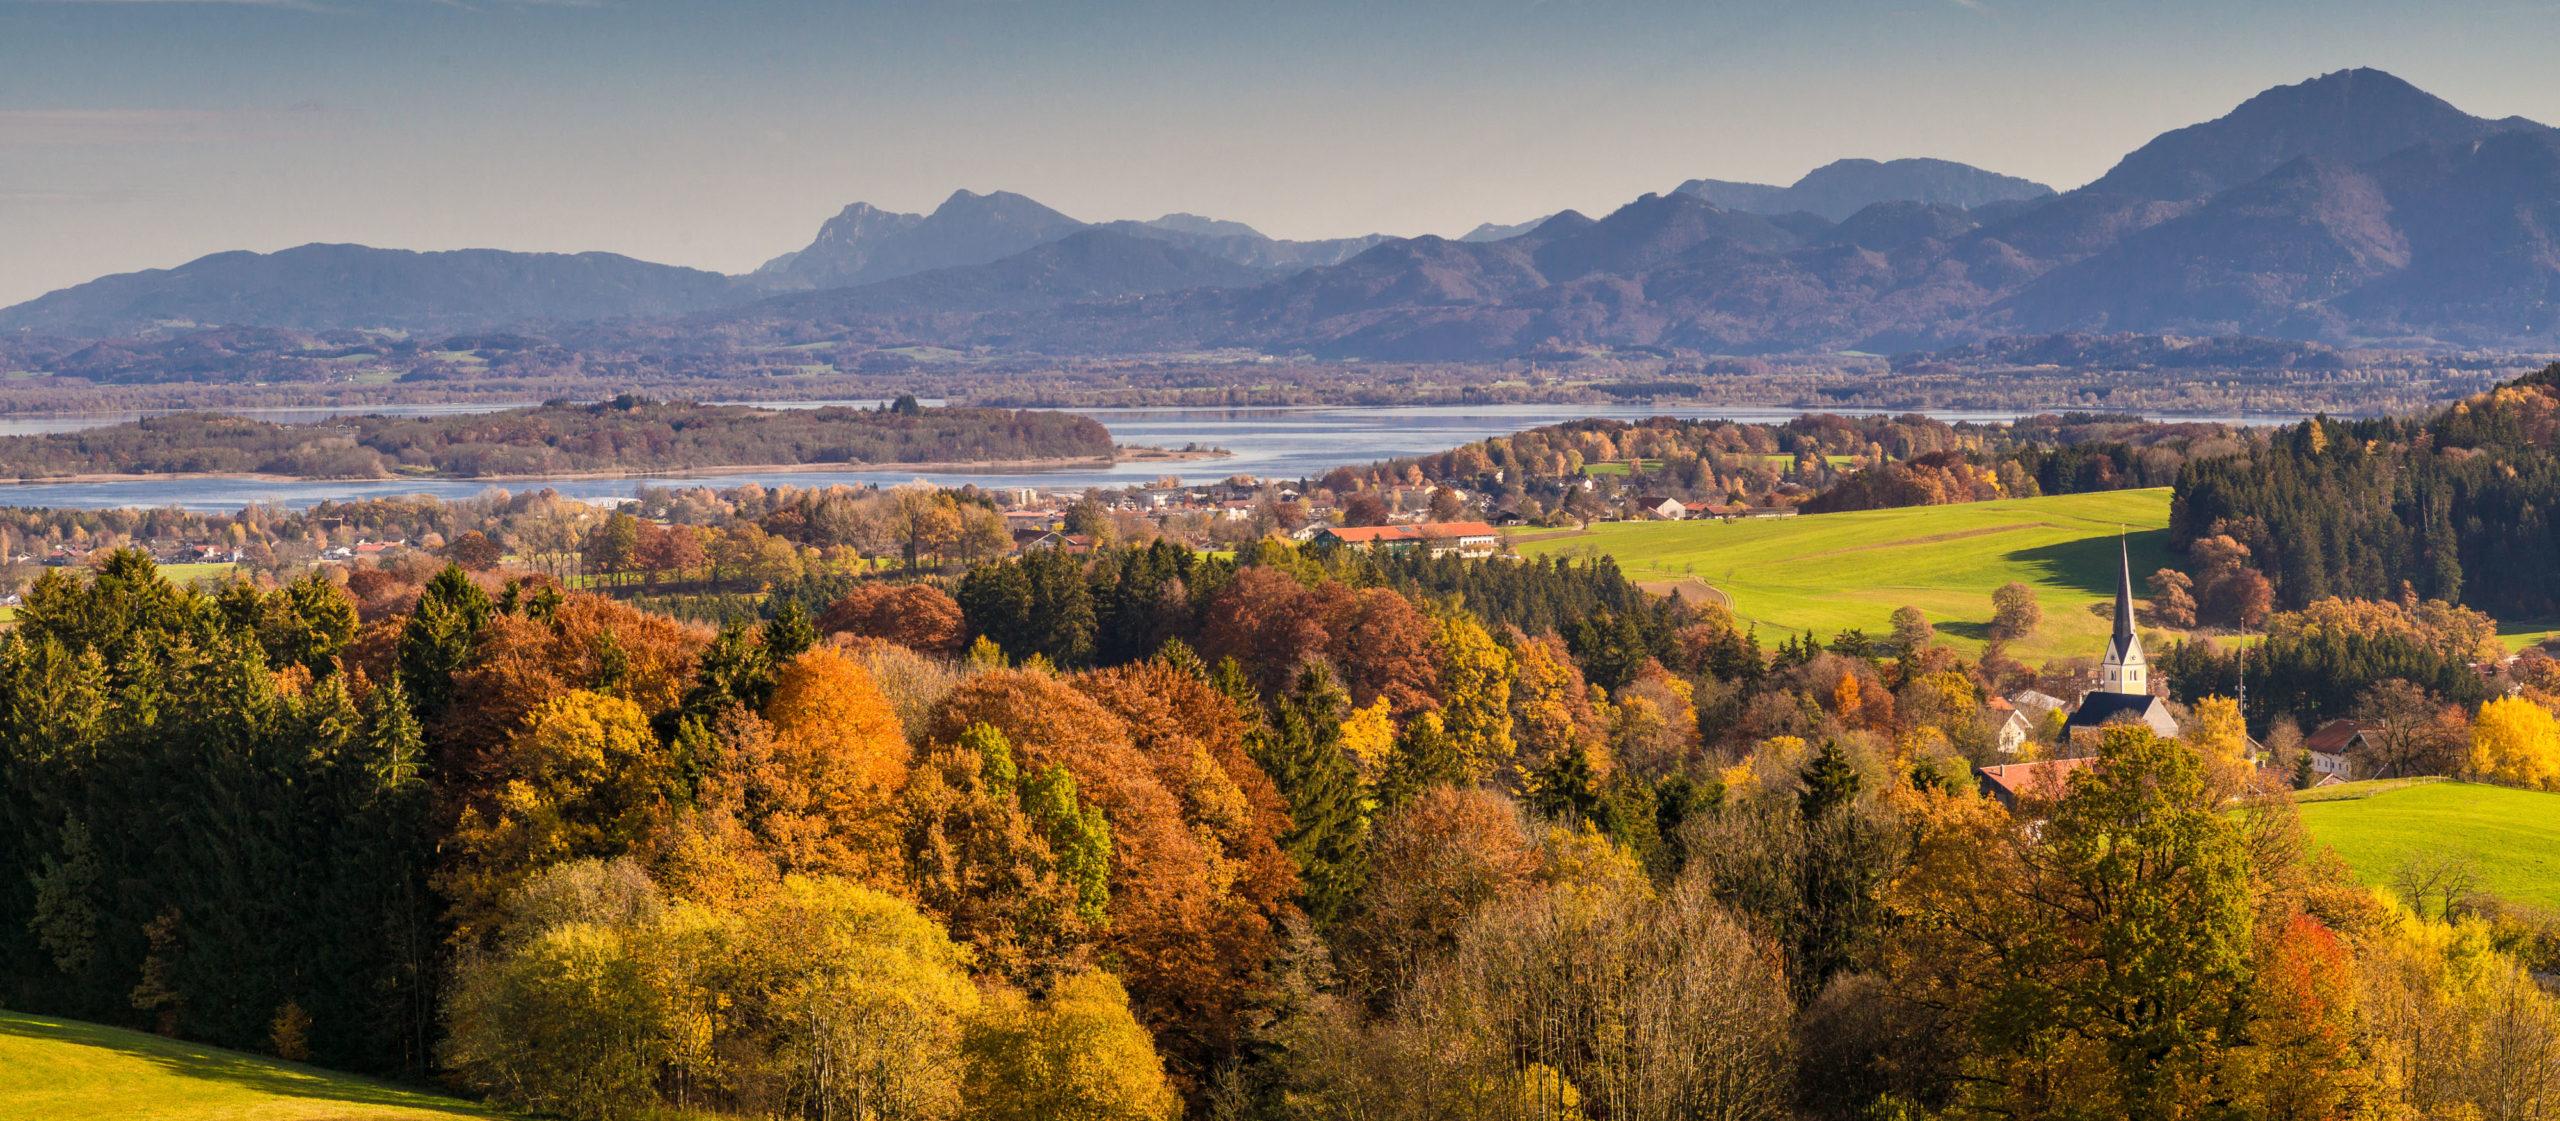 Herbstliches Wandern im Naturkino